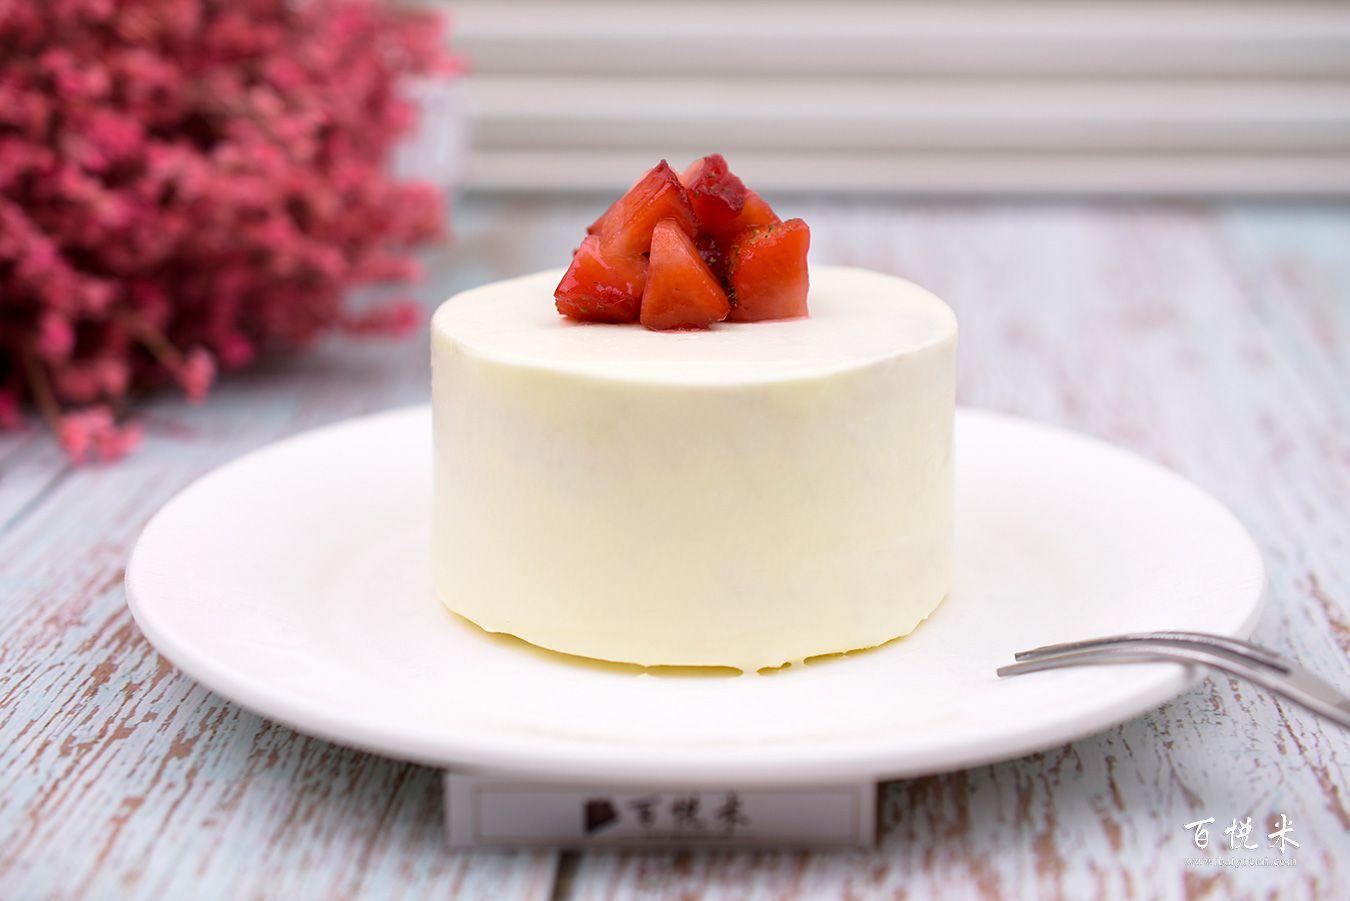 草莓小蛋糕高清图片大全【蛋糕图片】_583